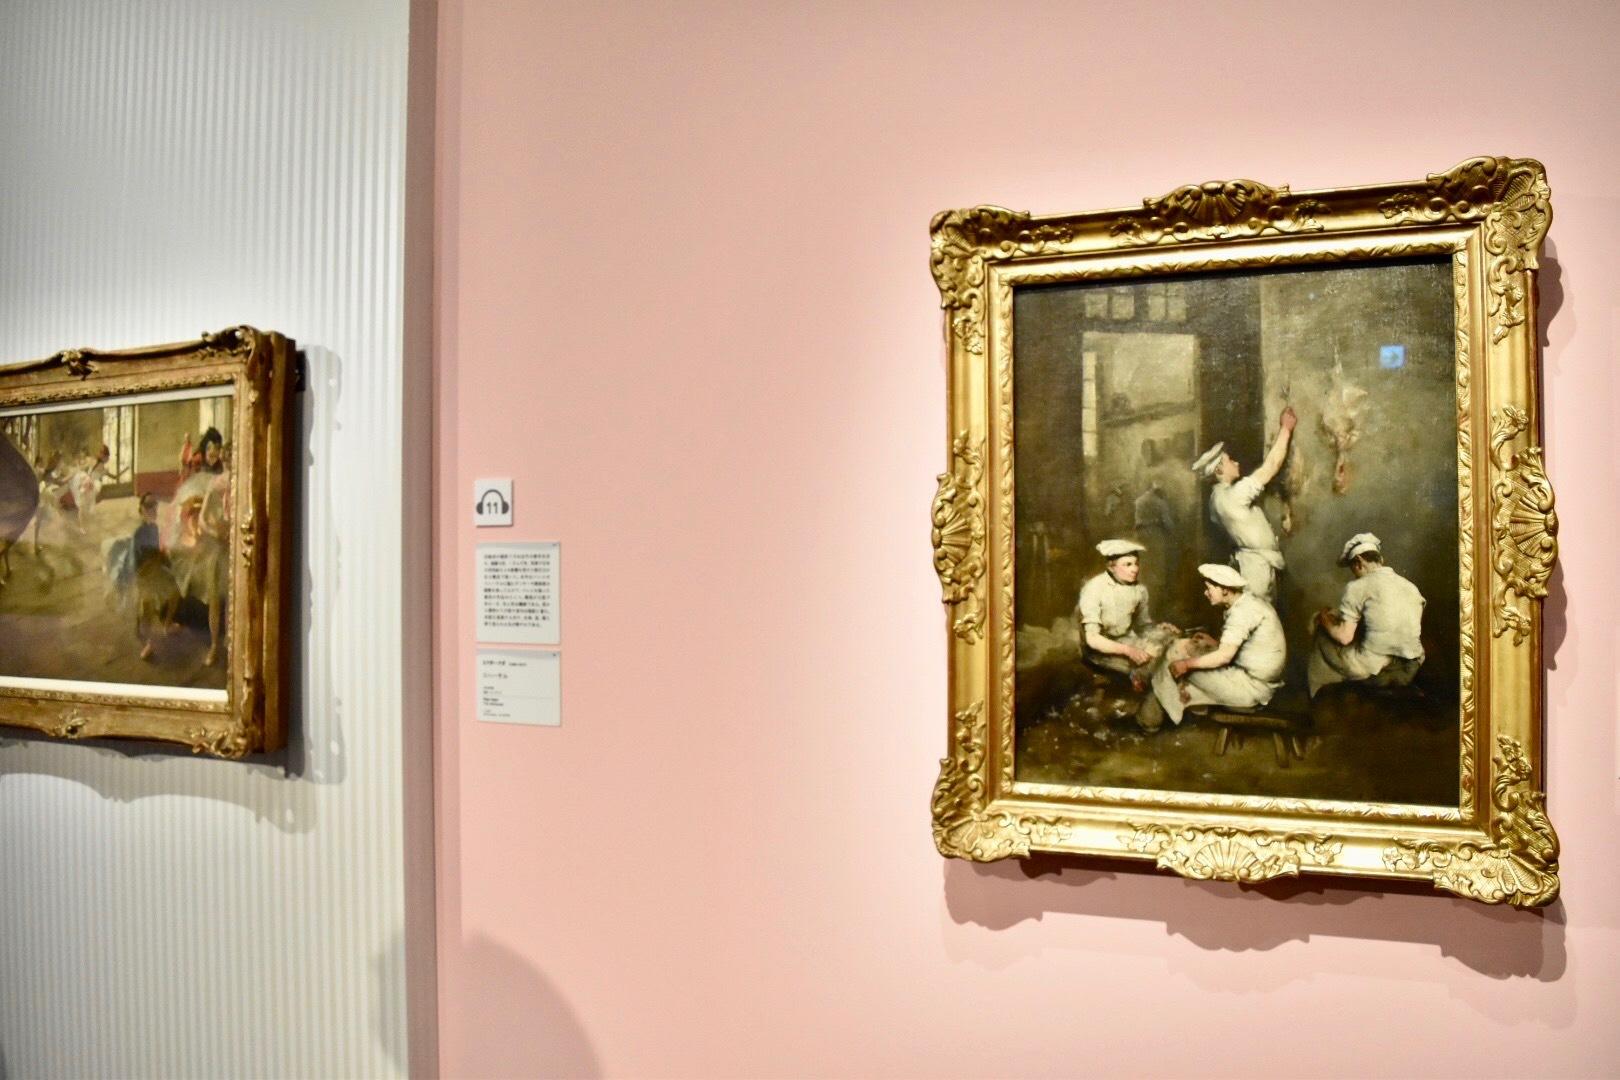 右:テオデュール・リボー 《調理人たち》 1862年 油彩、カンヴァス (C)CSG CIC Glasgow Museums Collection